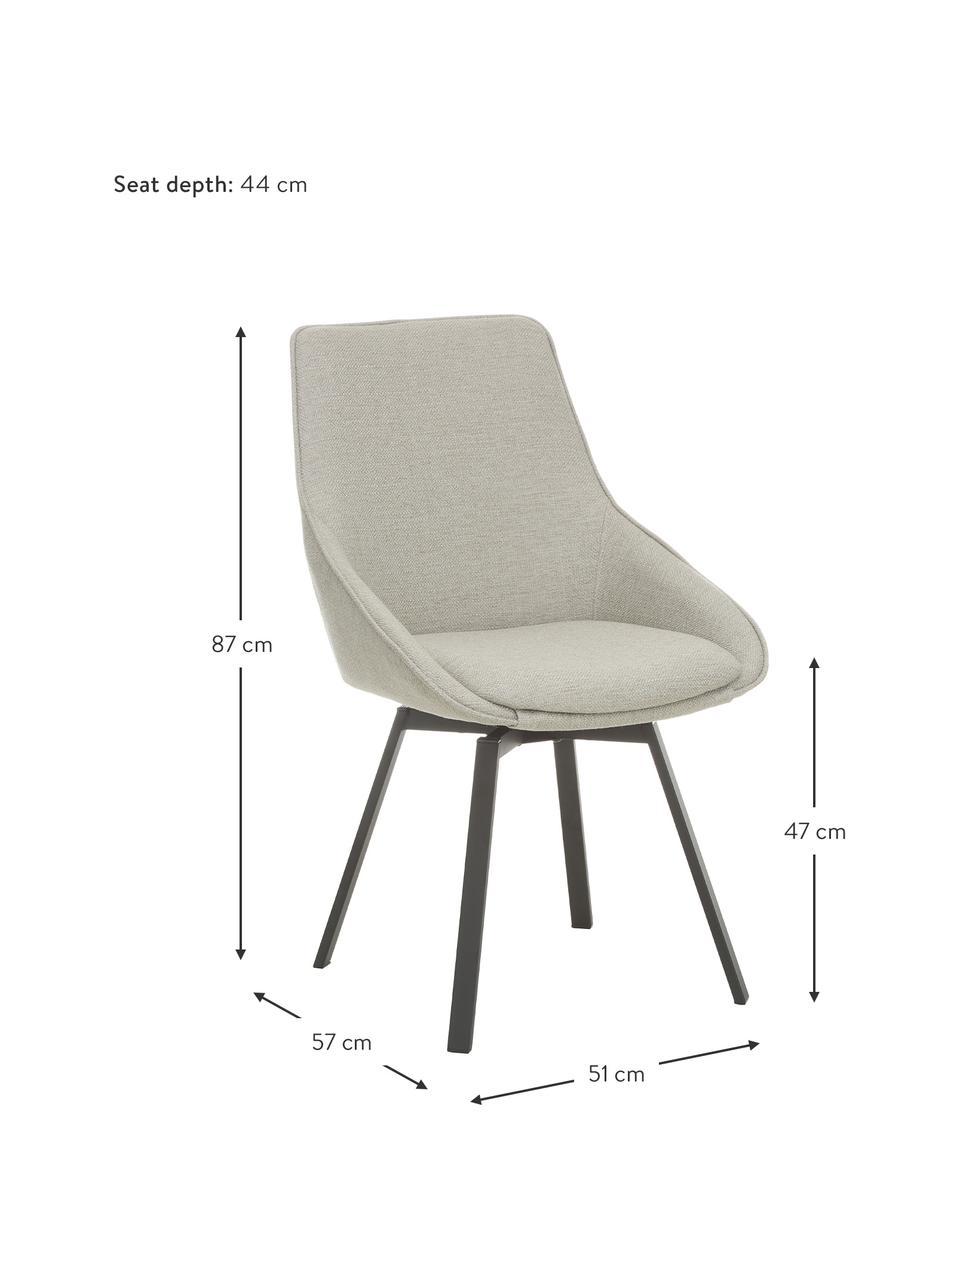 Chaise rembourrée pivotante Alison, Tissu gris clair